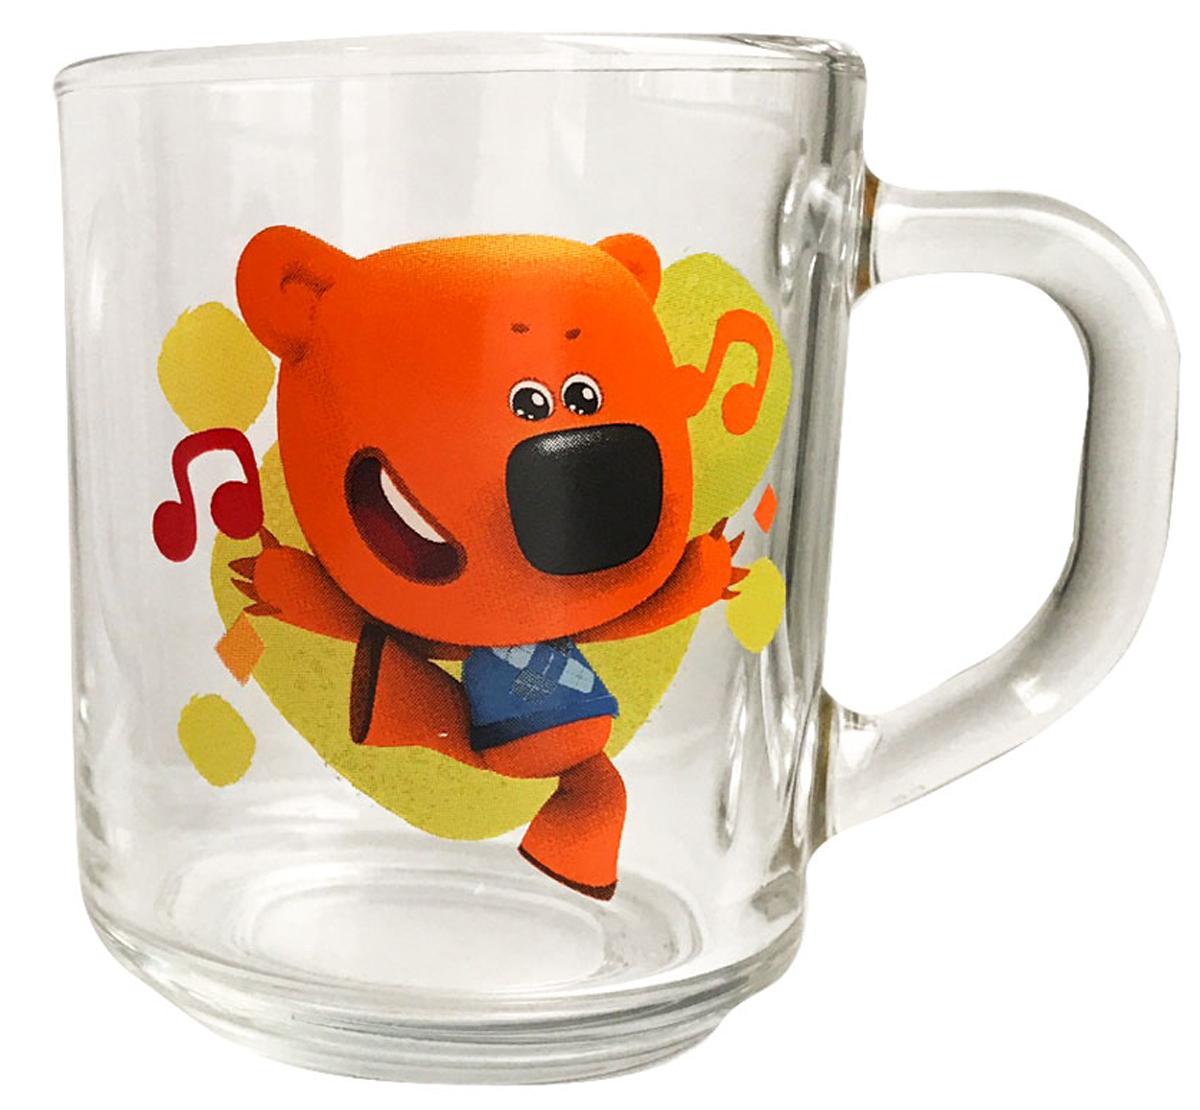 """Кружка с изображением героев из мультсериала """"""""Ми-ми-мишки"""""""" - отличный подарок для вашего ребенка!¶Подходит для холодных и горячих напитков, а так же пригодна для мытья в посудомоечной машине. Не рекомендуется подвергать изделие длительному воздействию прямых солнечных лучей."""